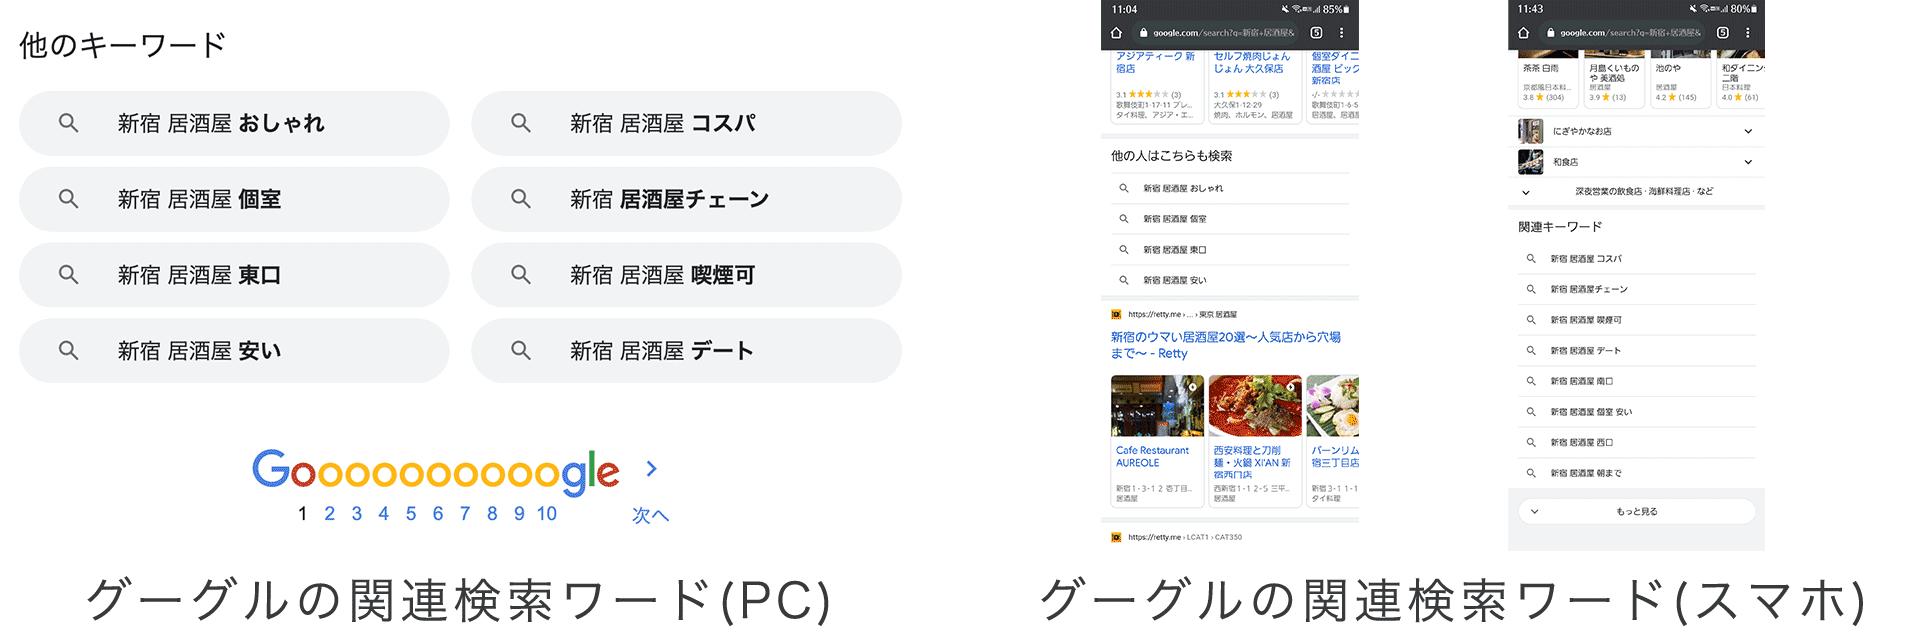 グーグル関連検索ワード